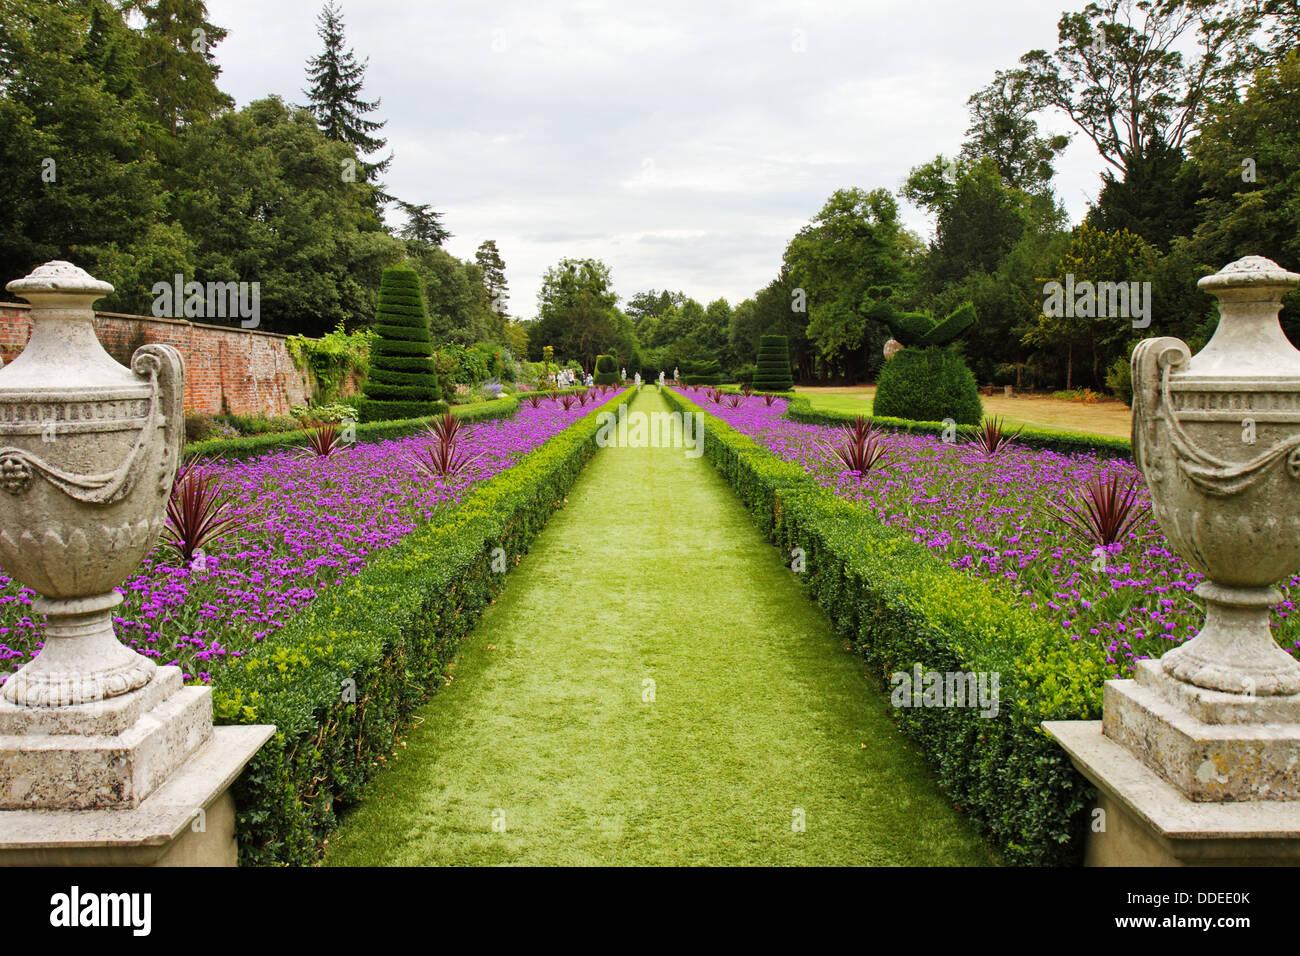 Ein formaler englischer Landschaftsgarten mit Box Hedging und Statuen auf Sockeln Stockbild